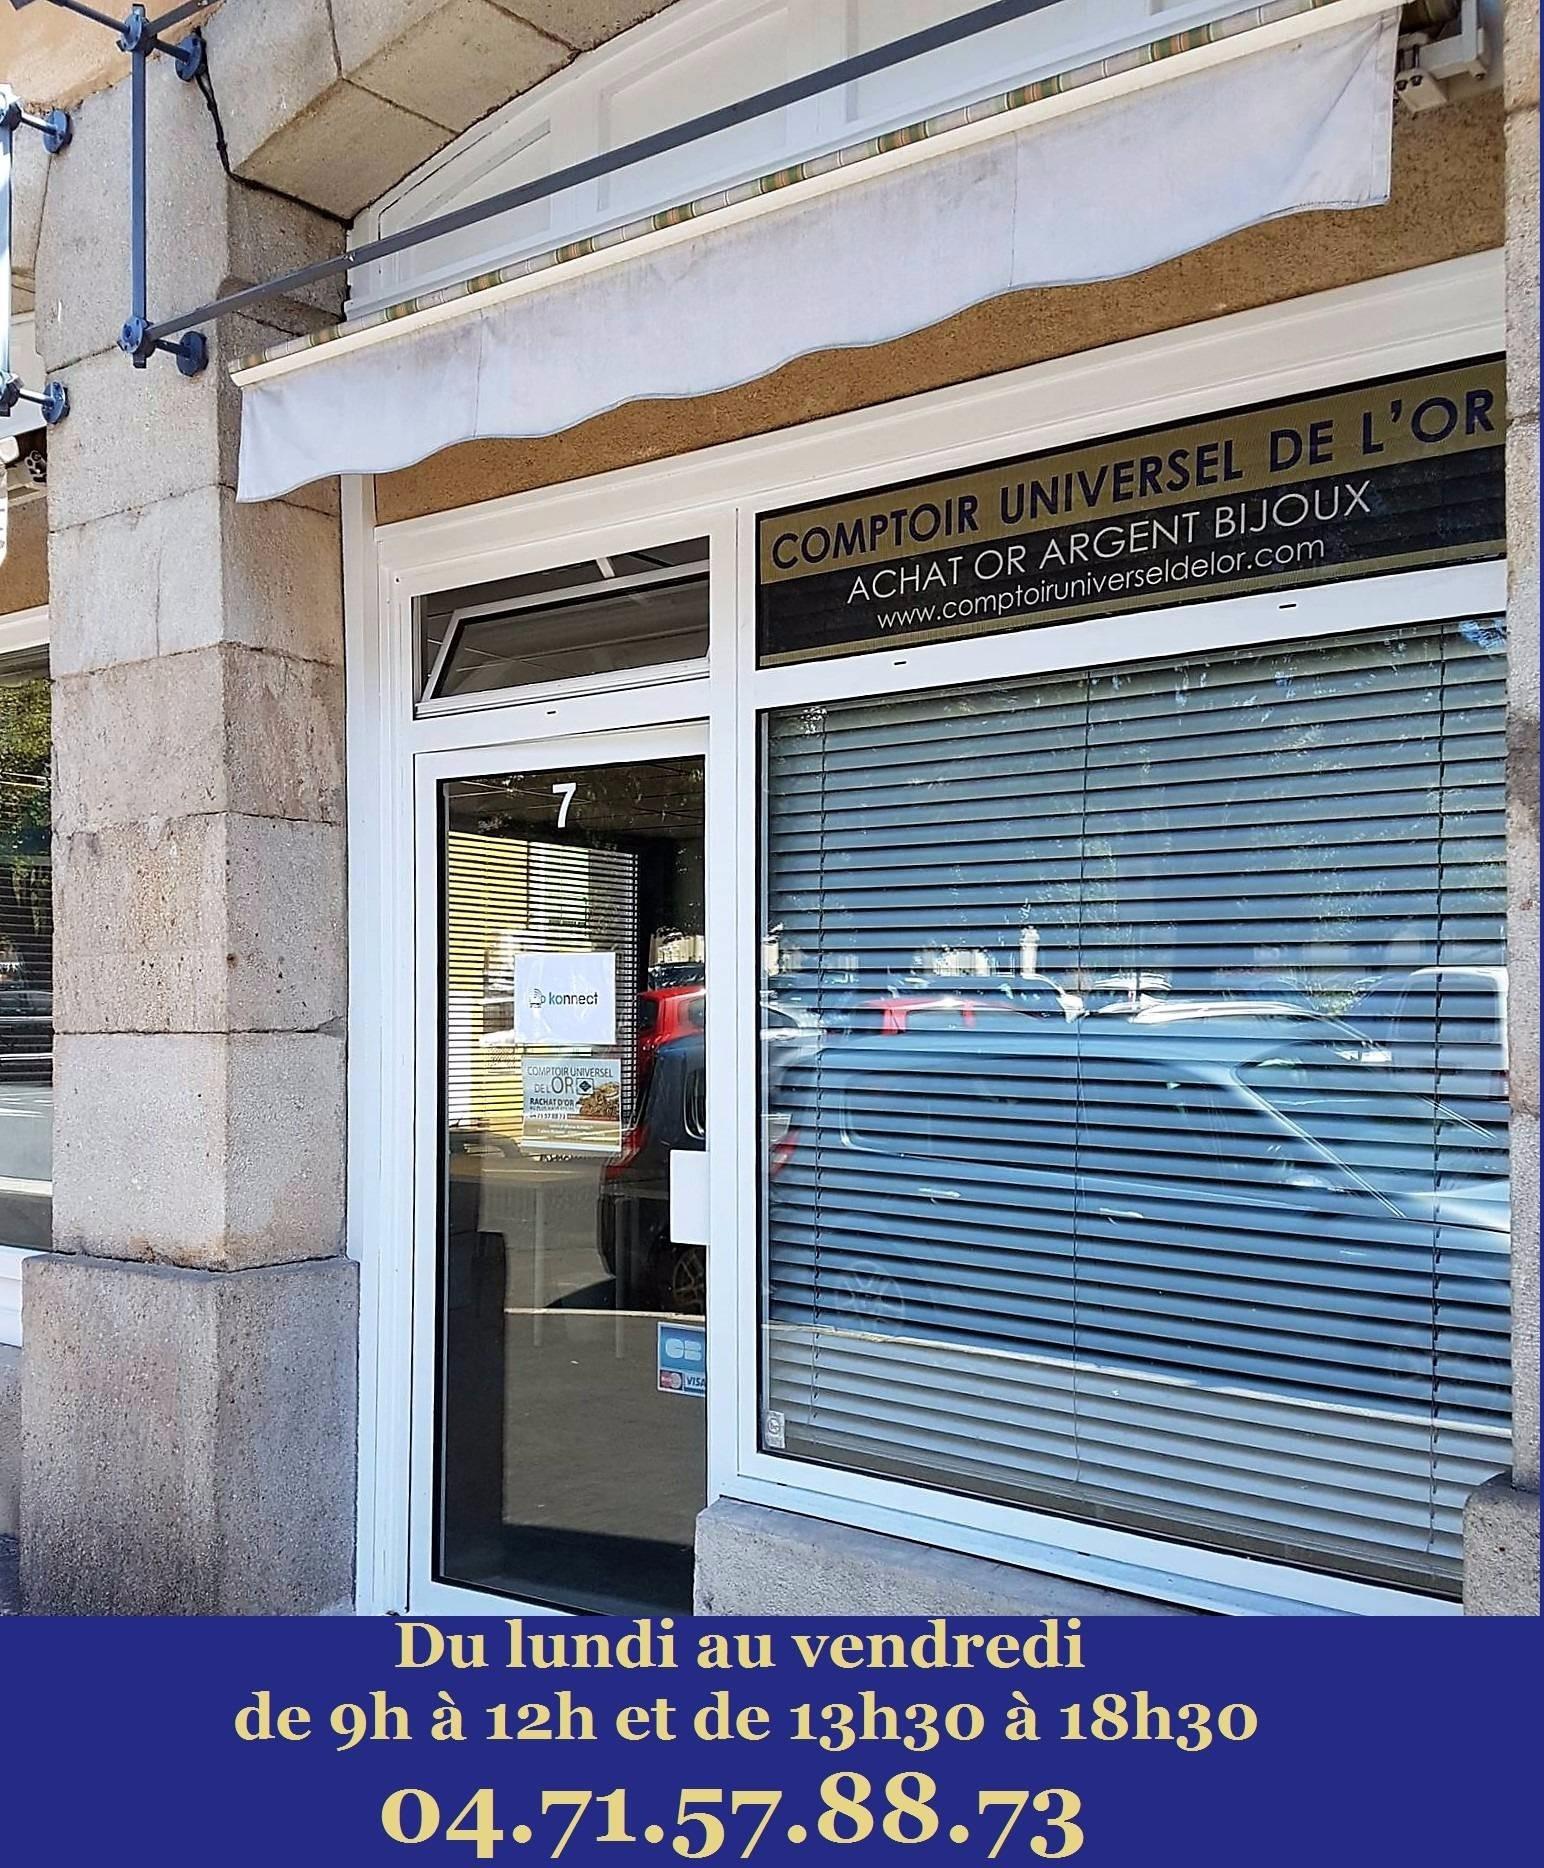 Juillet 2017 rachat d 39 or rachat d 39 argent vente d 39 or le puy - Comptoir universel de l or ...